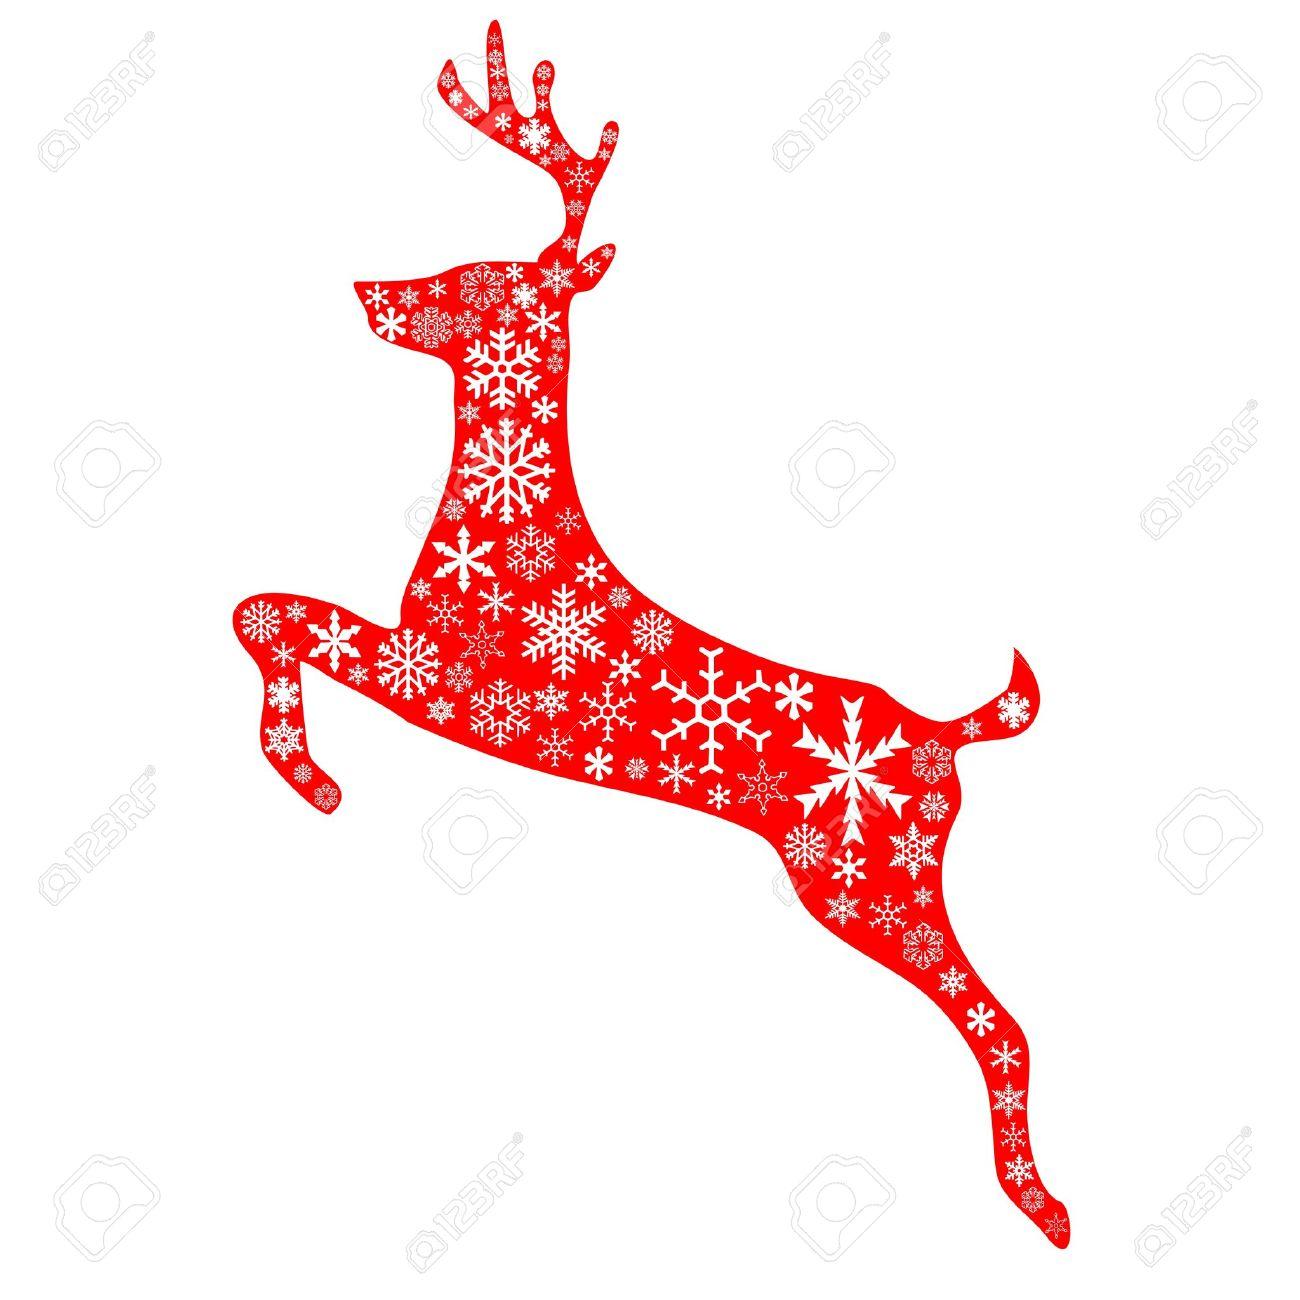 Un Reno Saltando En Navidad Fondo Rojo Y Blanco Patron De Copos De - Ciervo-navidad